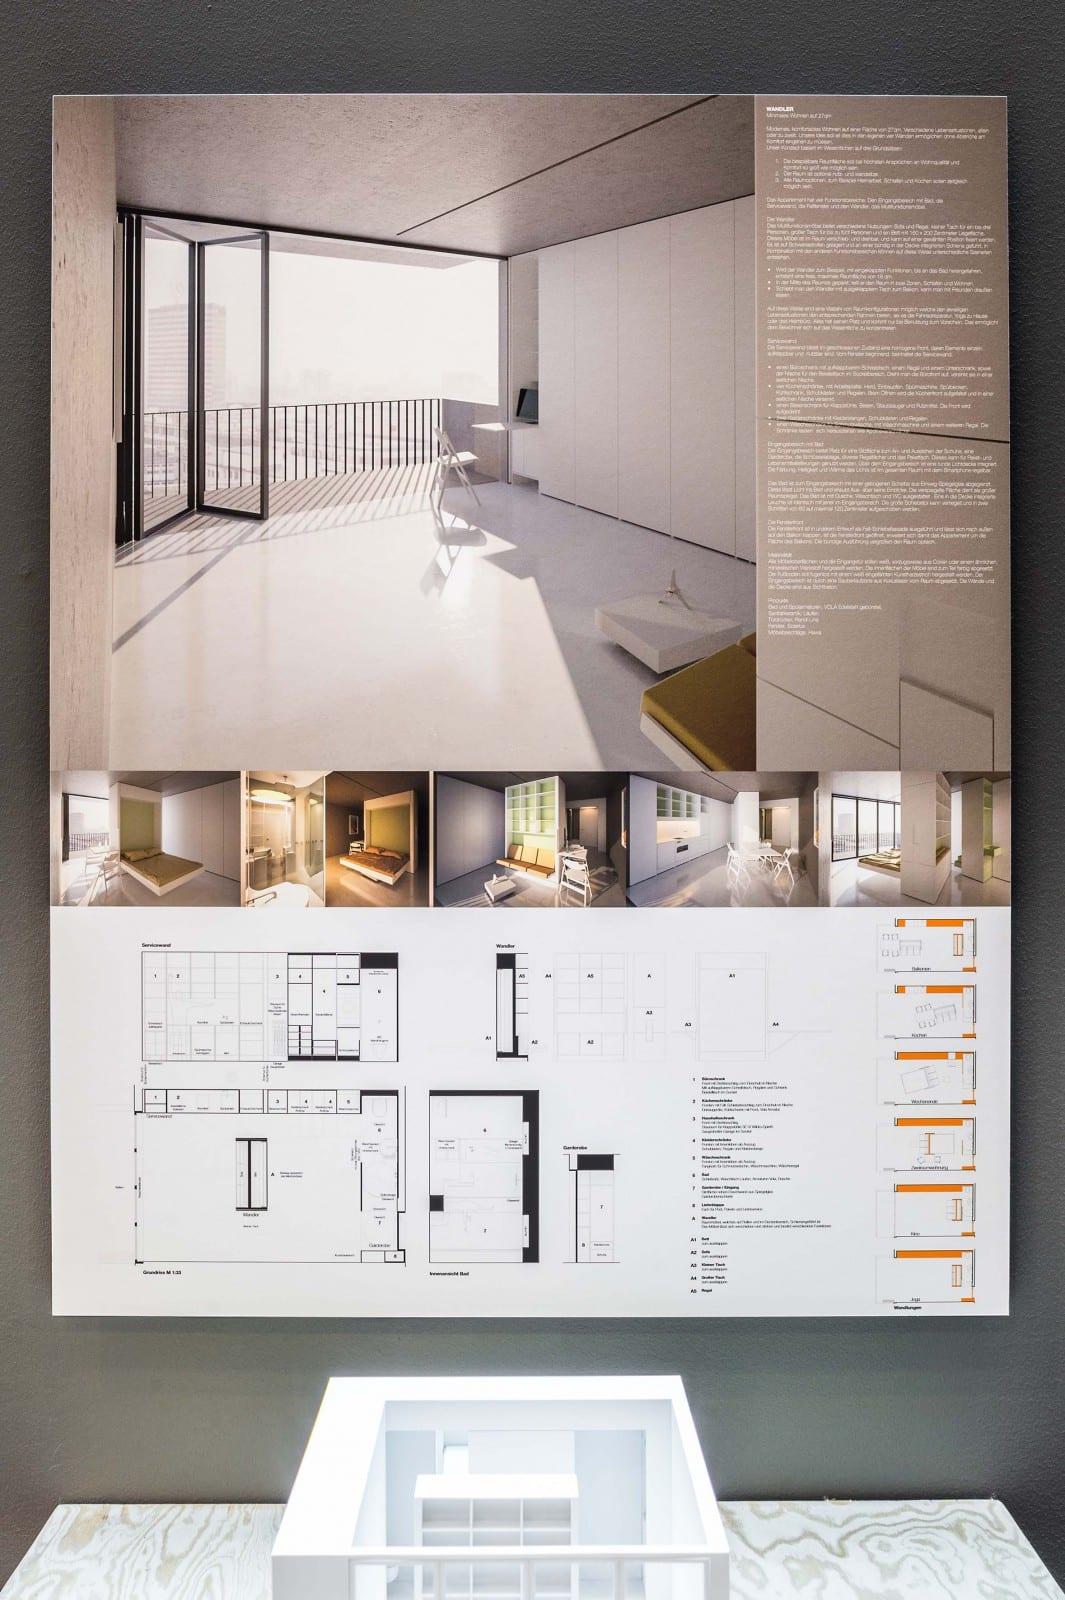 mikrowohnen auf 27 qm berliner architekten entwickeln platzsparende wohnformen. Black Bedroom Furniture Sets. Home Design Ideas